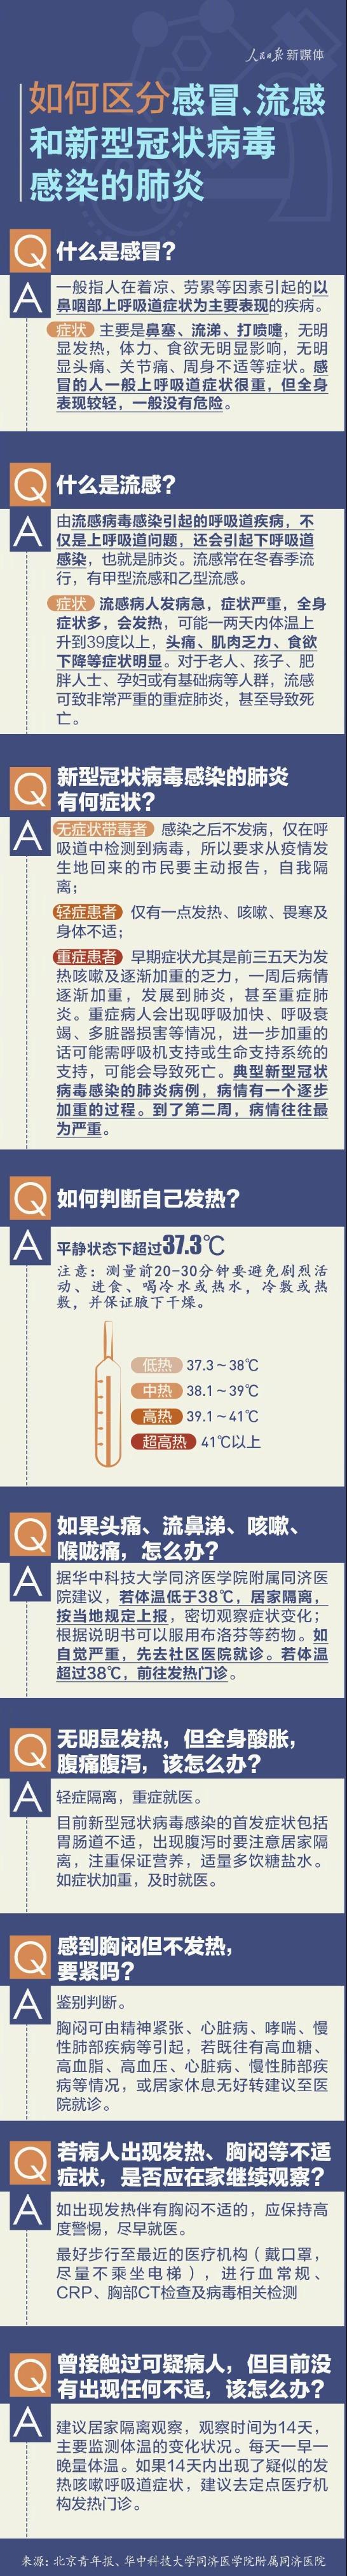 @阜��人:如何�^分感冒流感和新型肺炎